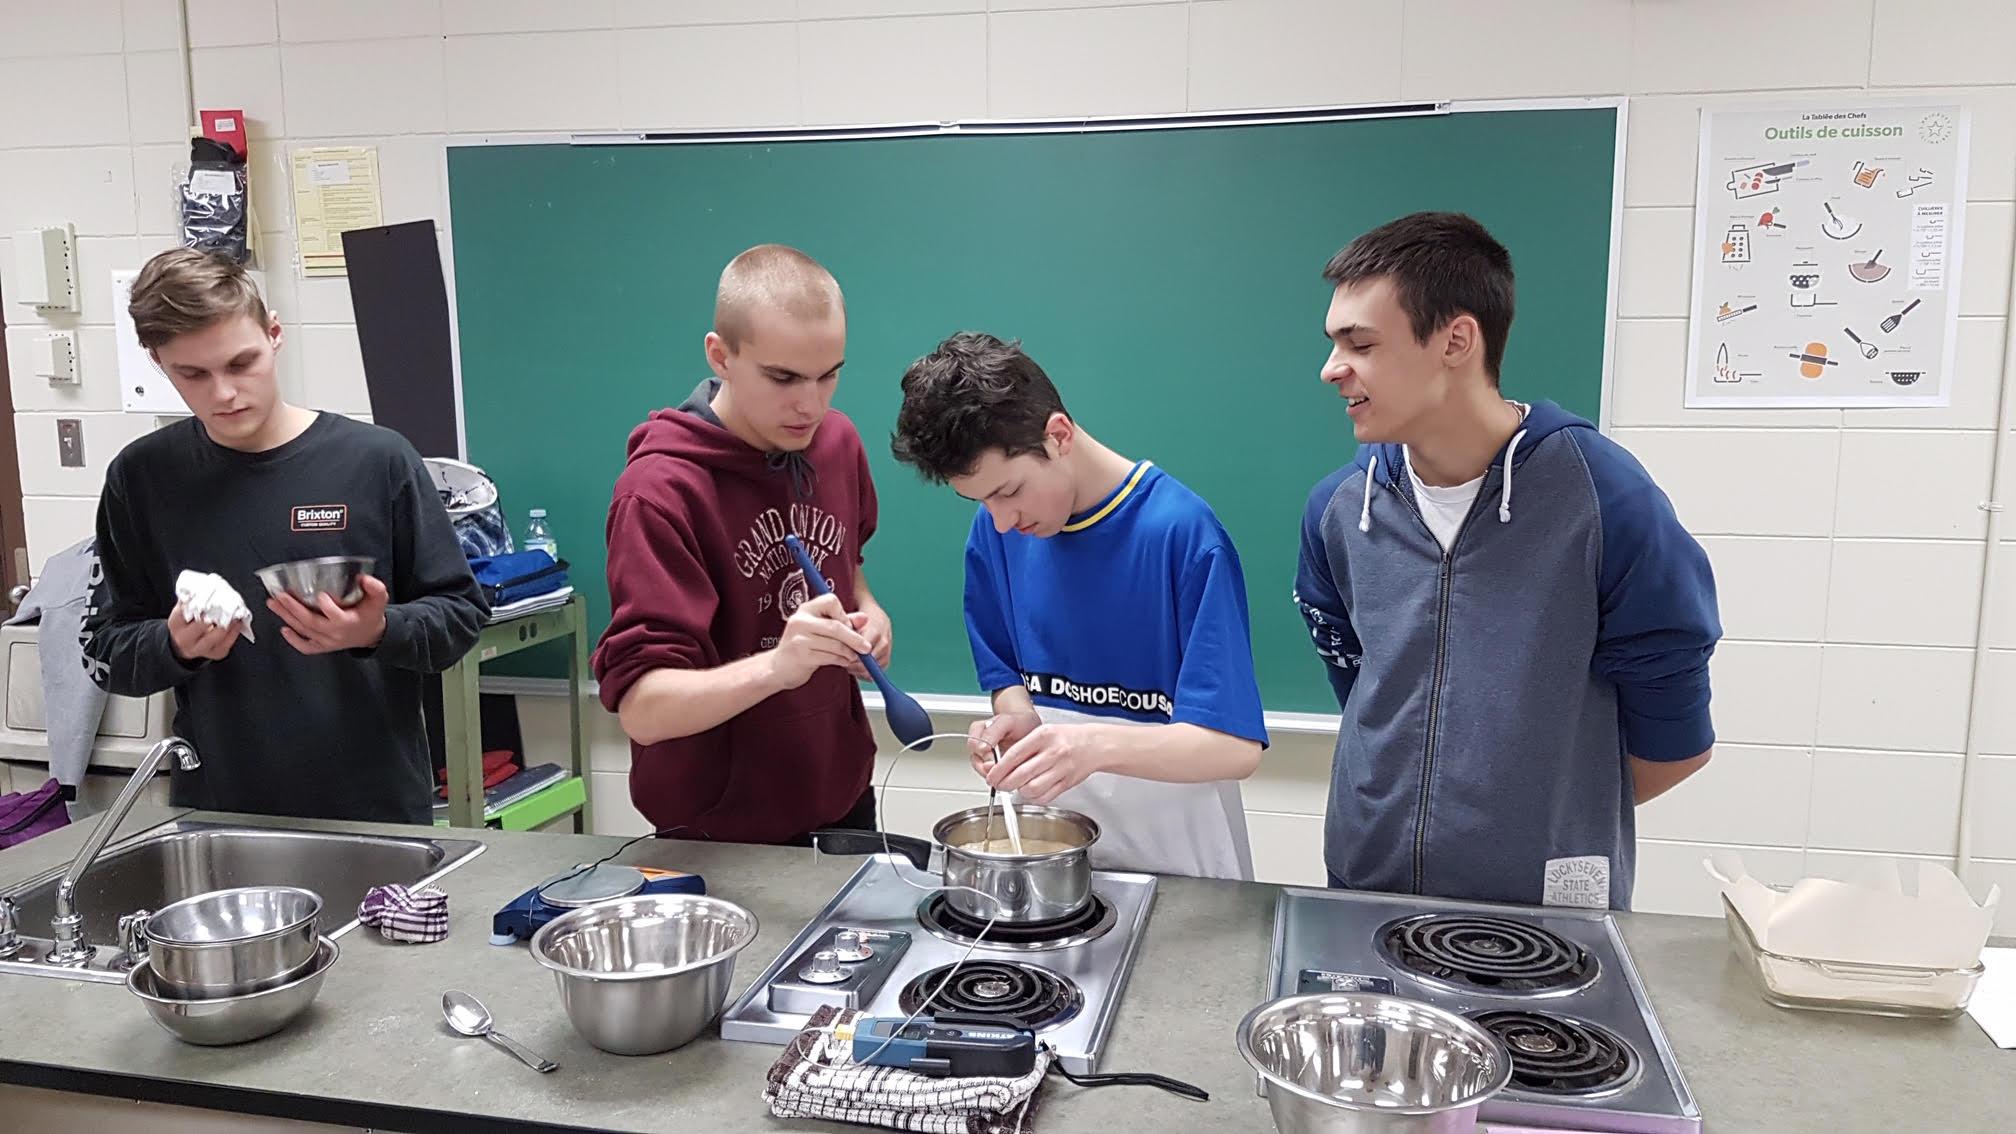 Quatre étudiants concentrés sur leur préparation au dessus de la casserole et un nettoie un récipient.